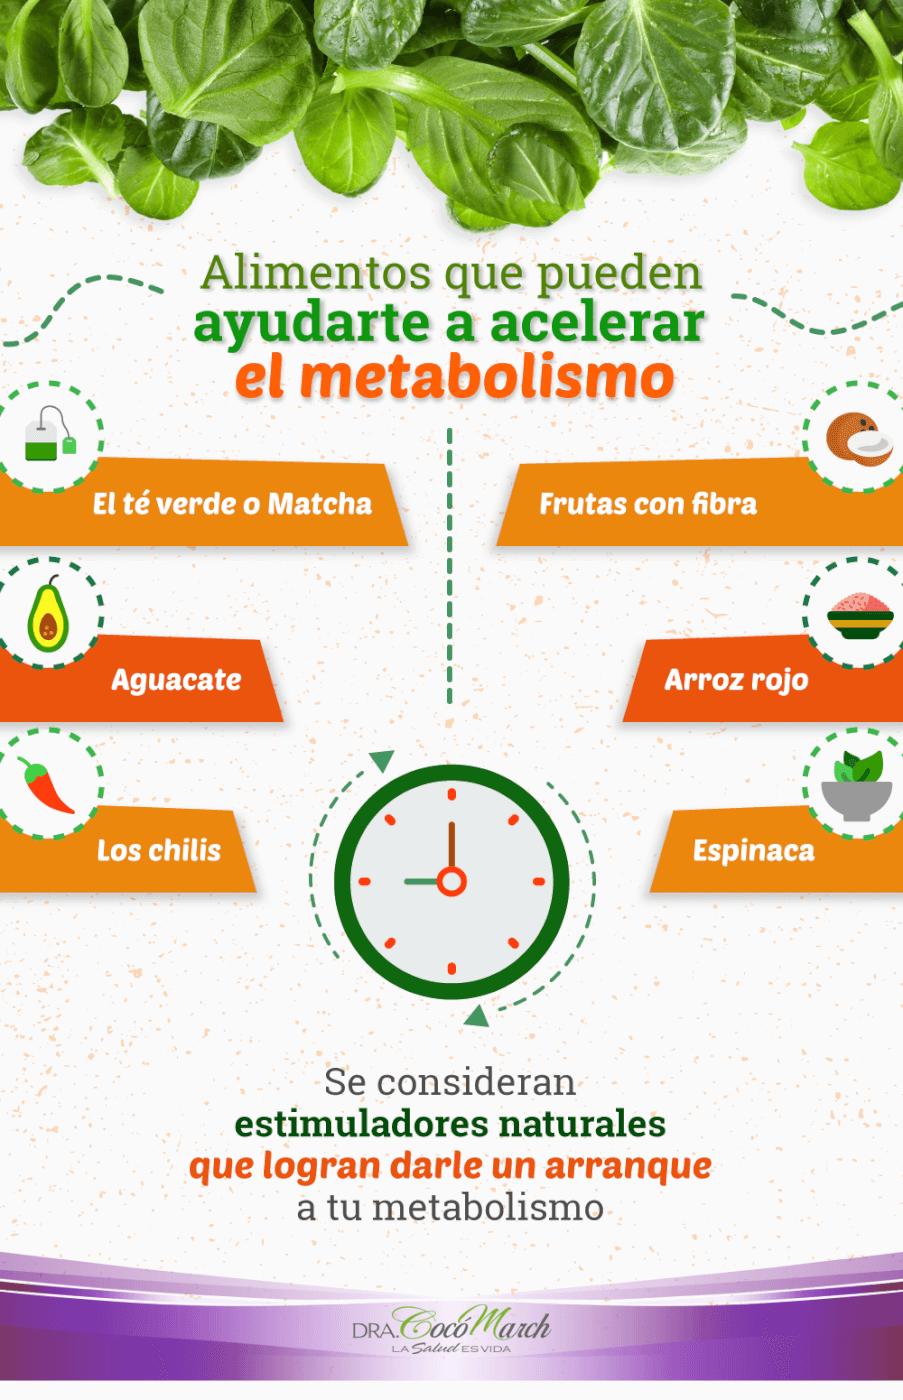 Tiene más preguntas sobre características de la dieta mediterránea?